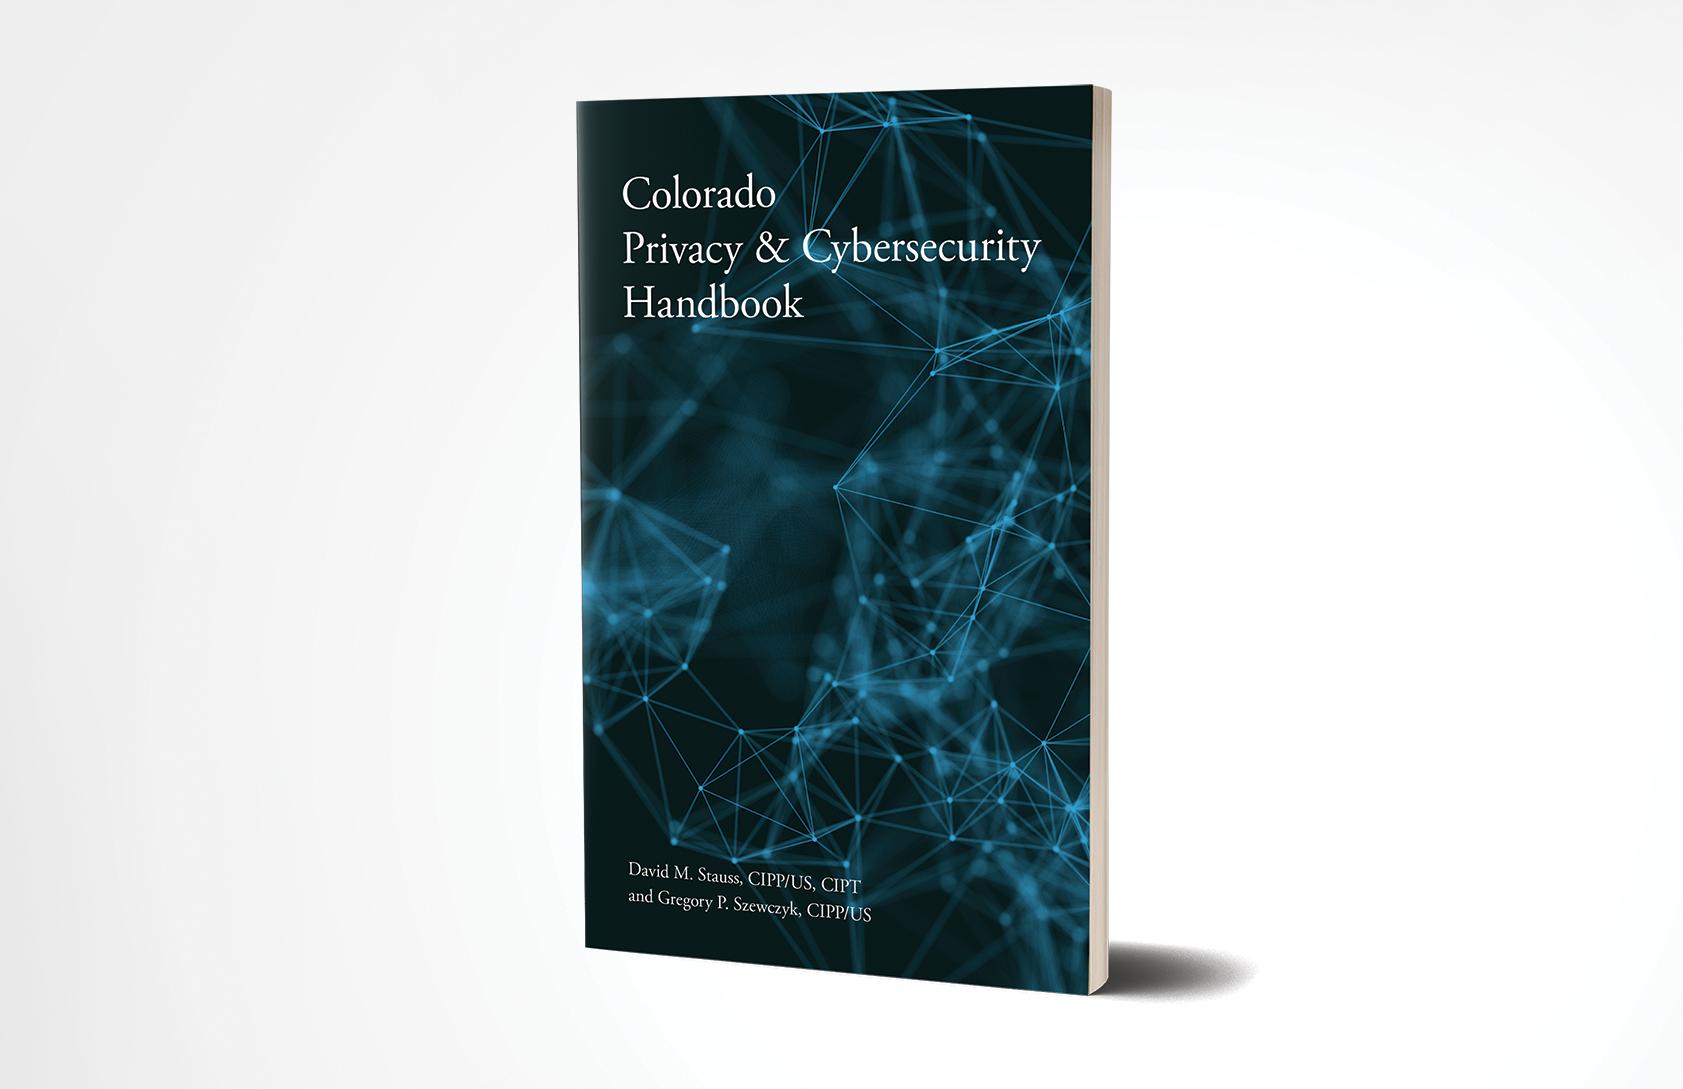 CO Handbook.png